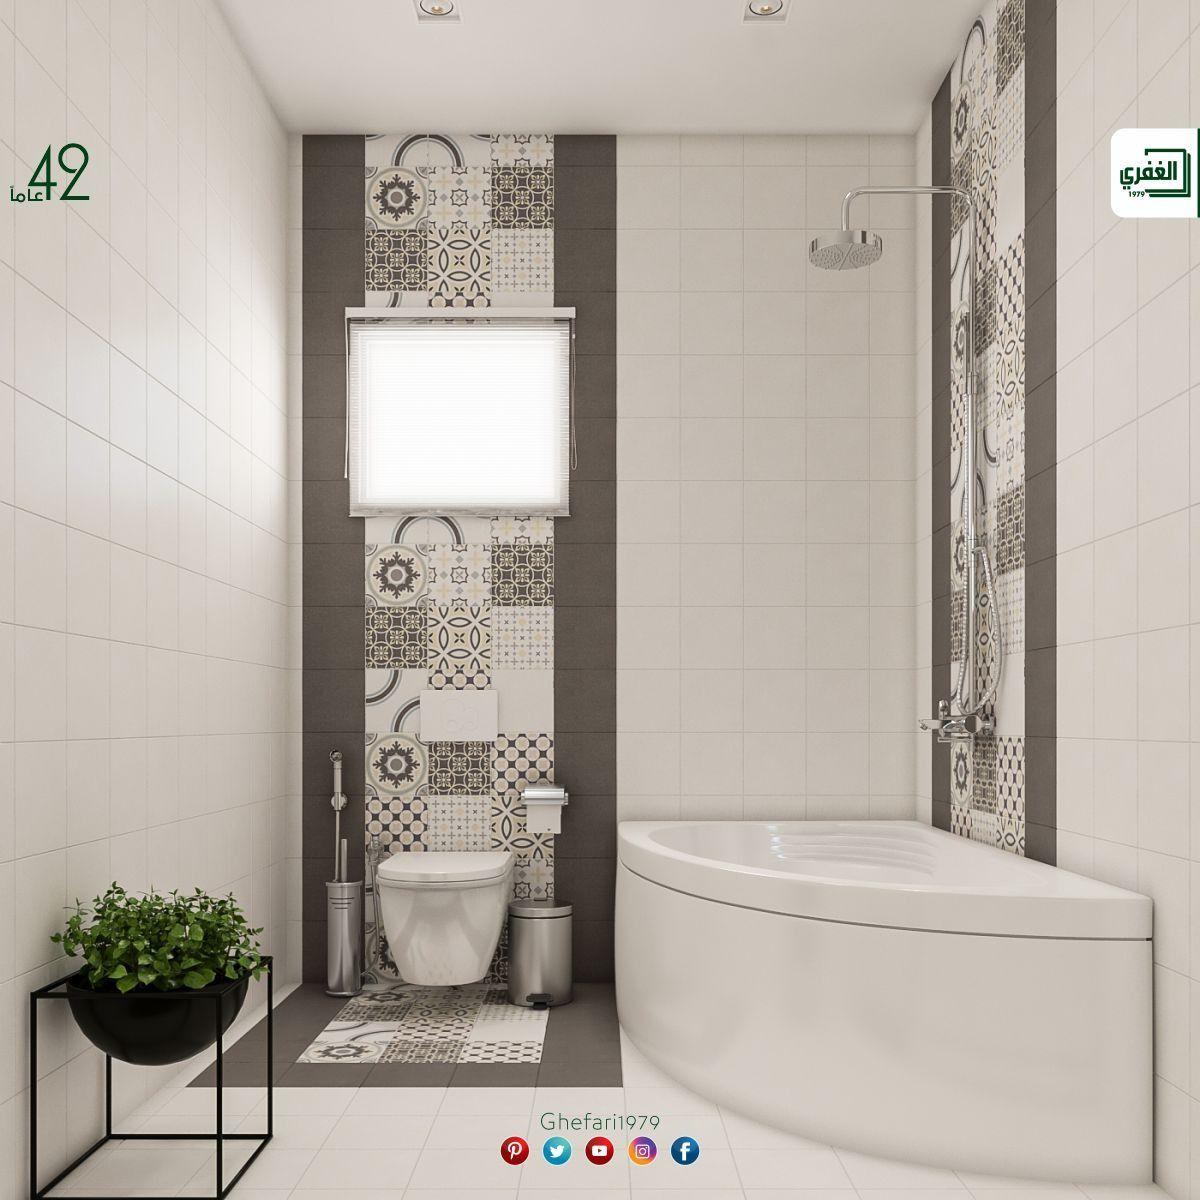 بورسلان أسباني ديكور اندلسي للاستخدام داخل الحمامات المطابخ اماكن اخرى للمزيد زورونا على موقع الشركة Https Www Ghefari Com Ar H In 2021 Bathroom Bathtub Heritage